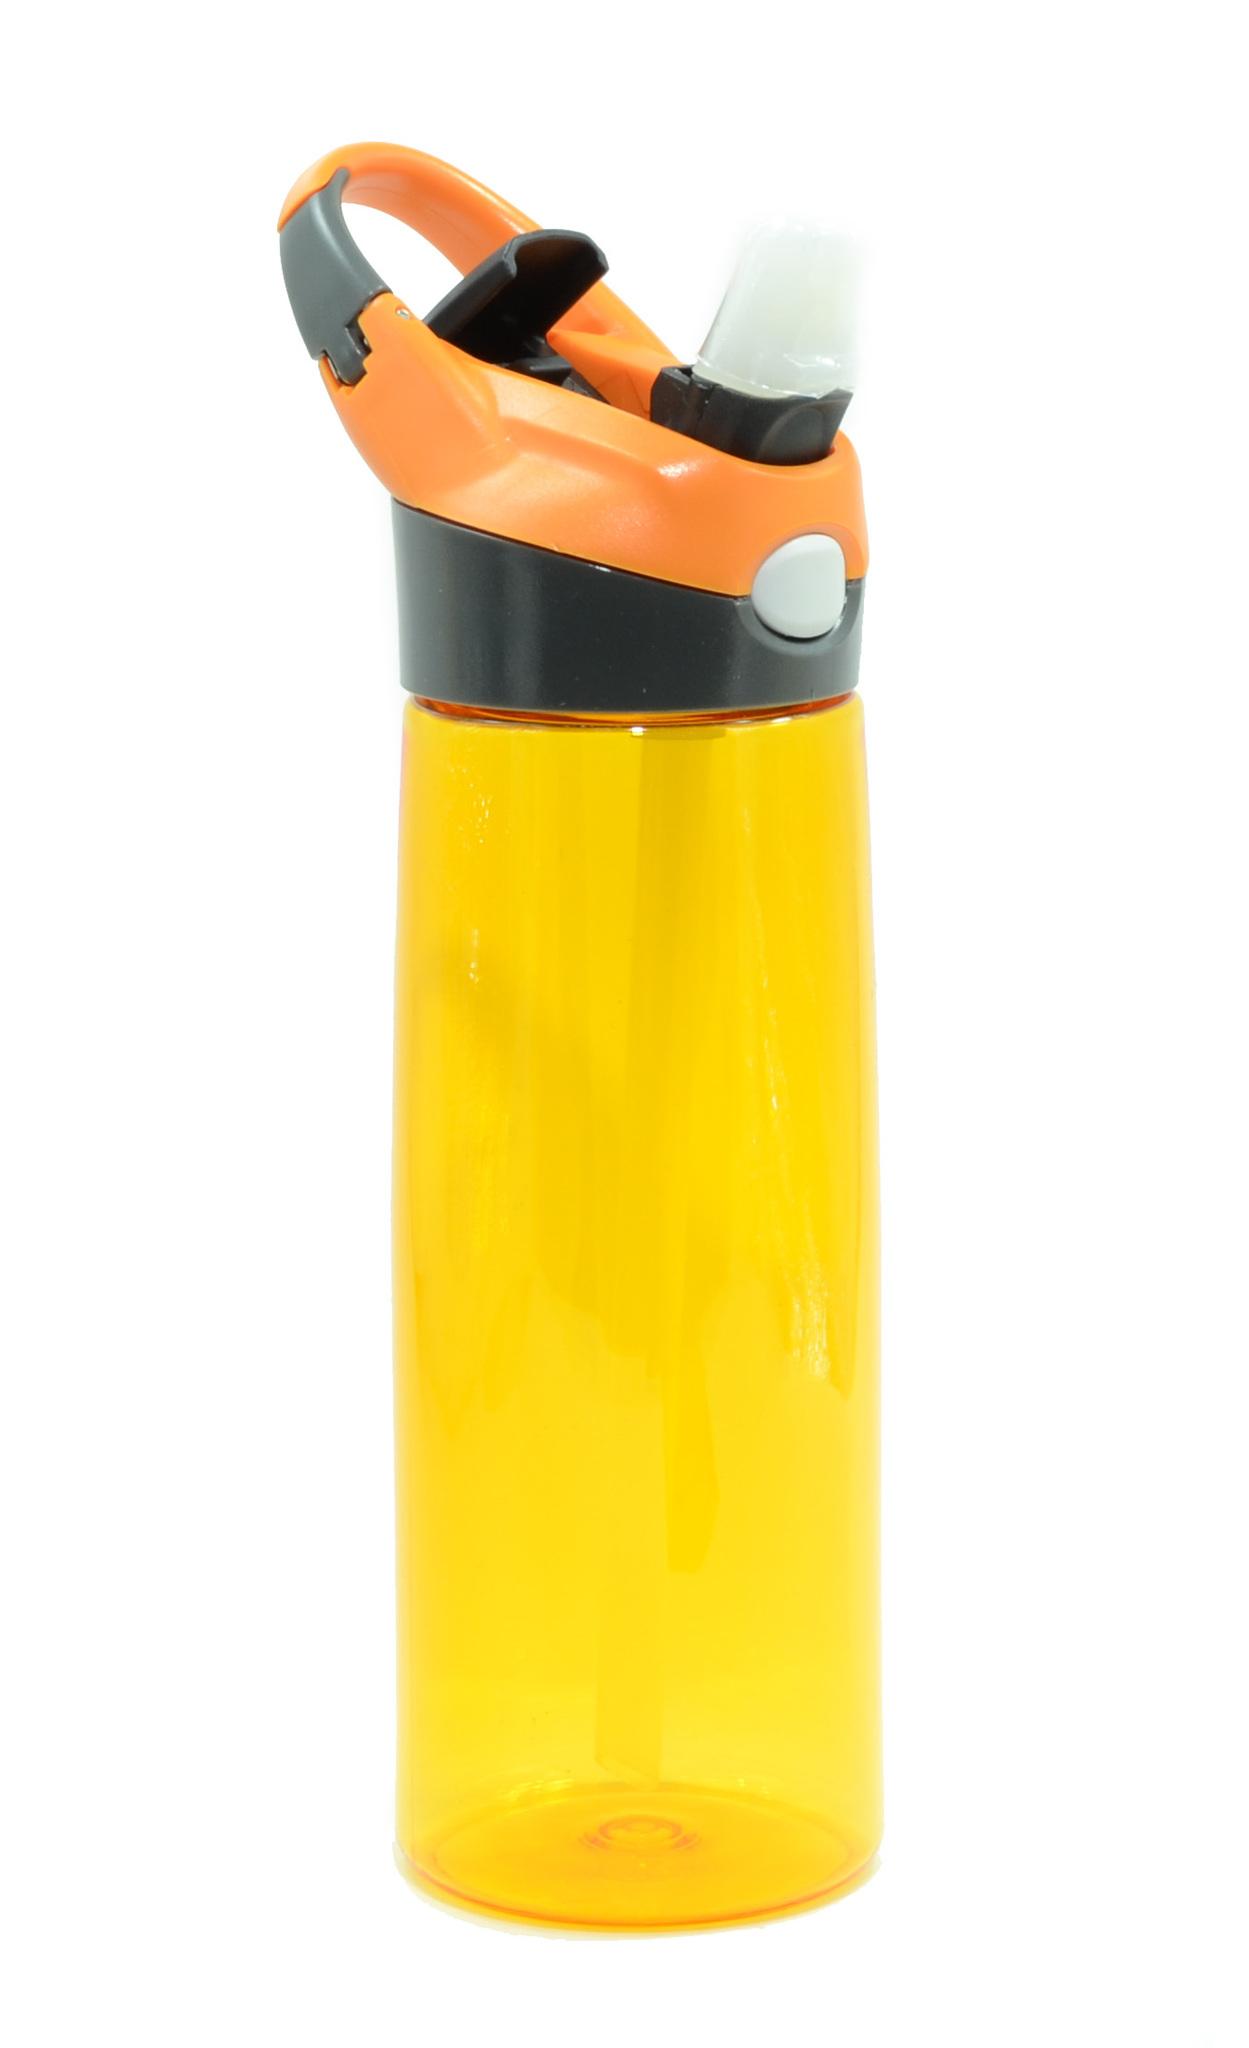 Бутылка для воды Muggs Flip Straw с трубочкой 600 мл. оранжевая